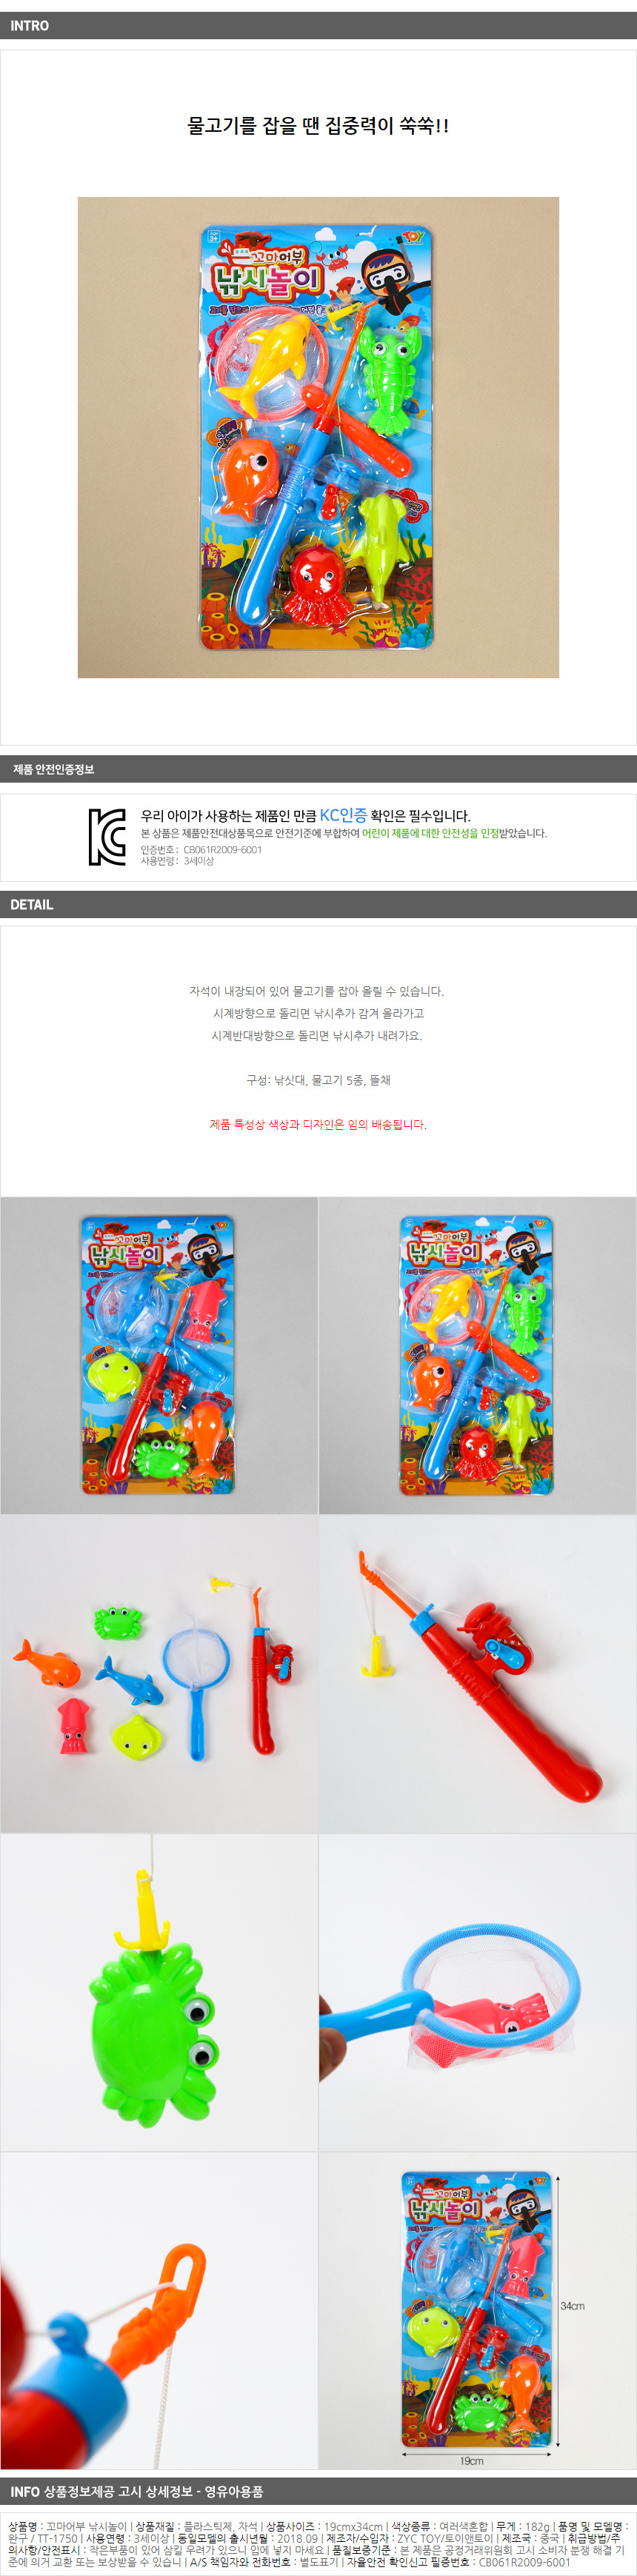 낚시장난감 낚시놀이 물고기낚시 물고기잡기 장난감 - 기프트갓, 5,740원, 장난감, 장난감